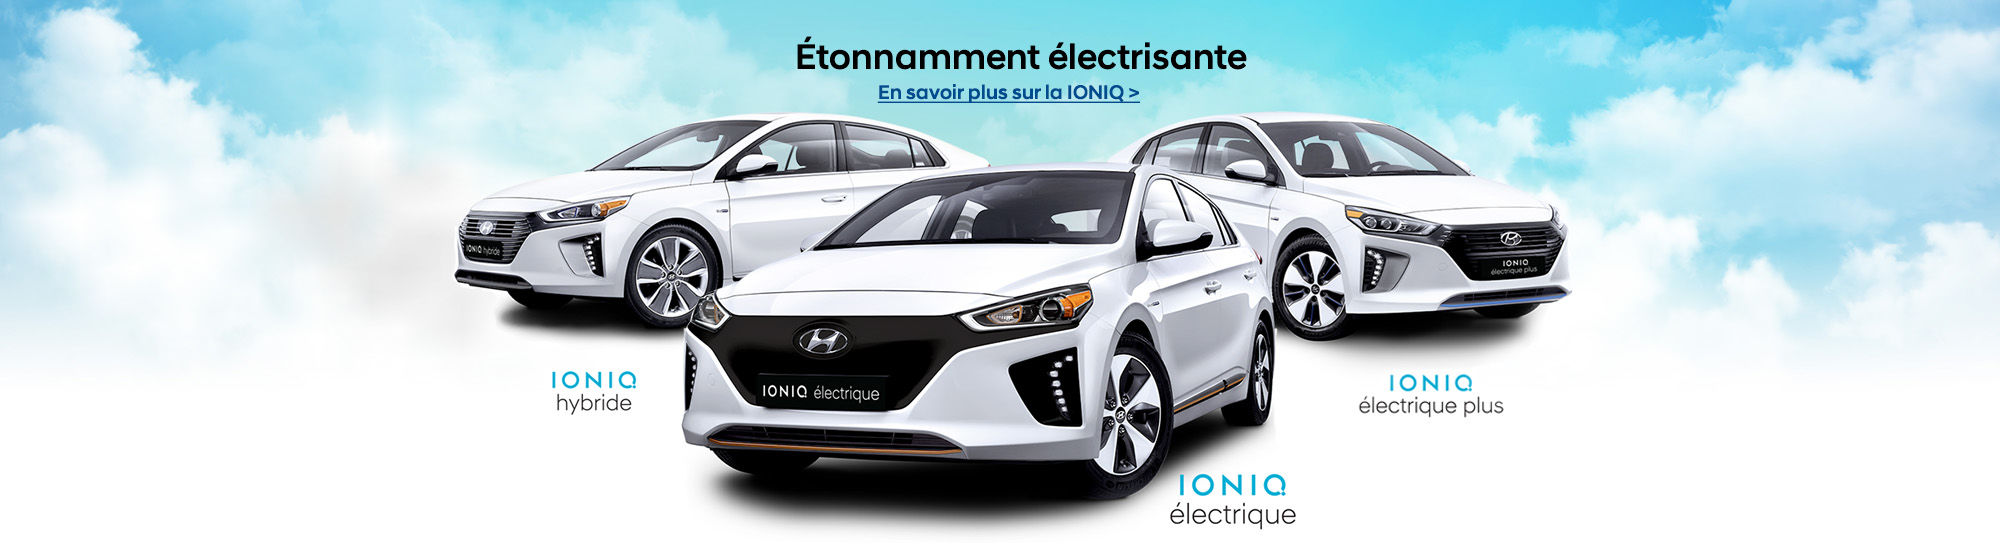 Ioniq Hybride-électrique-électrique plus